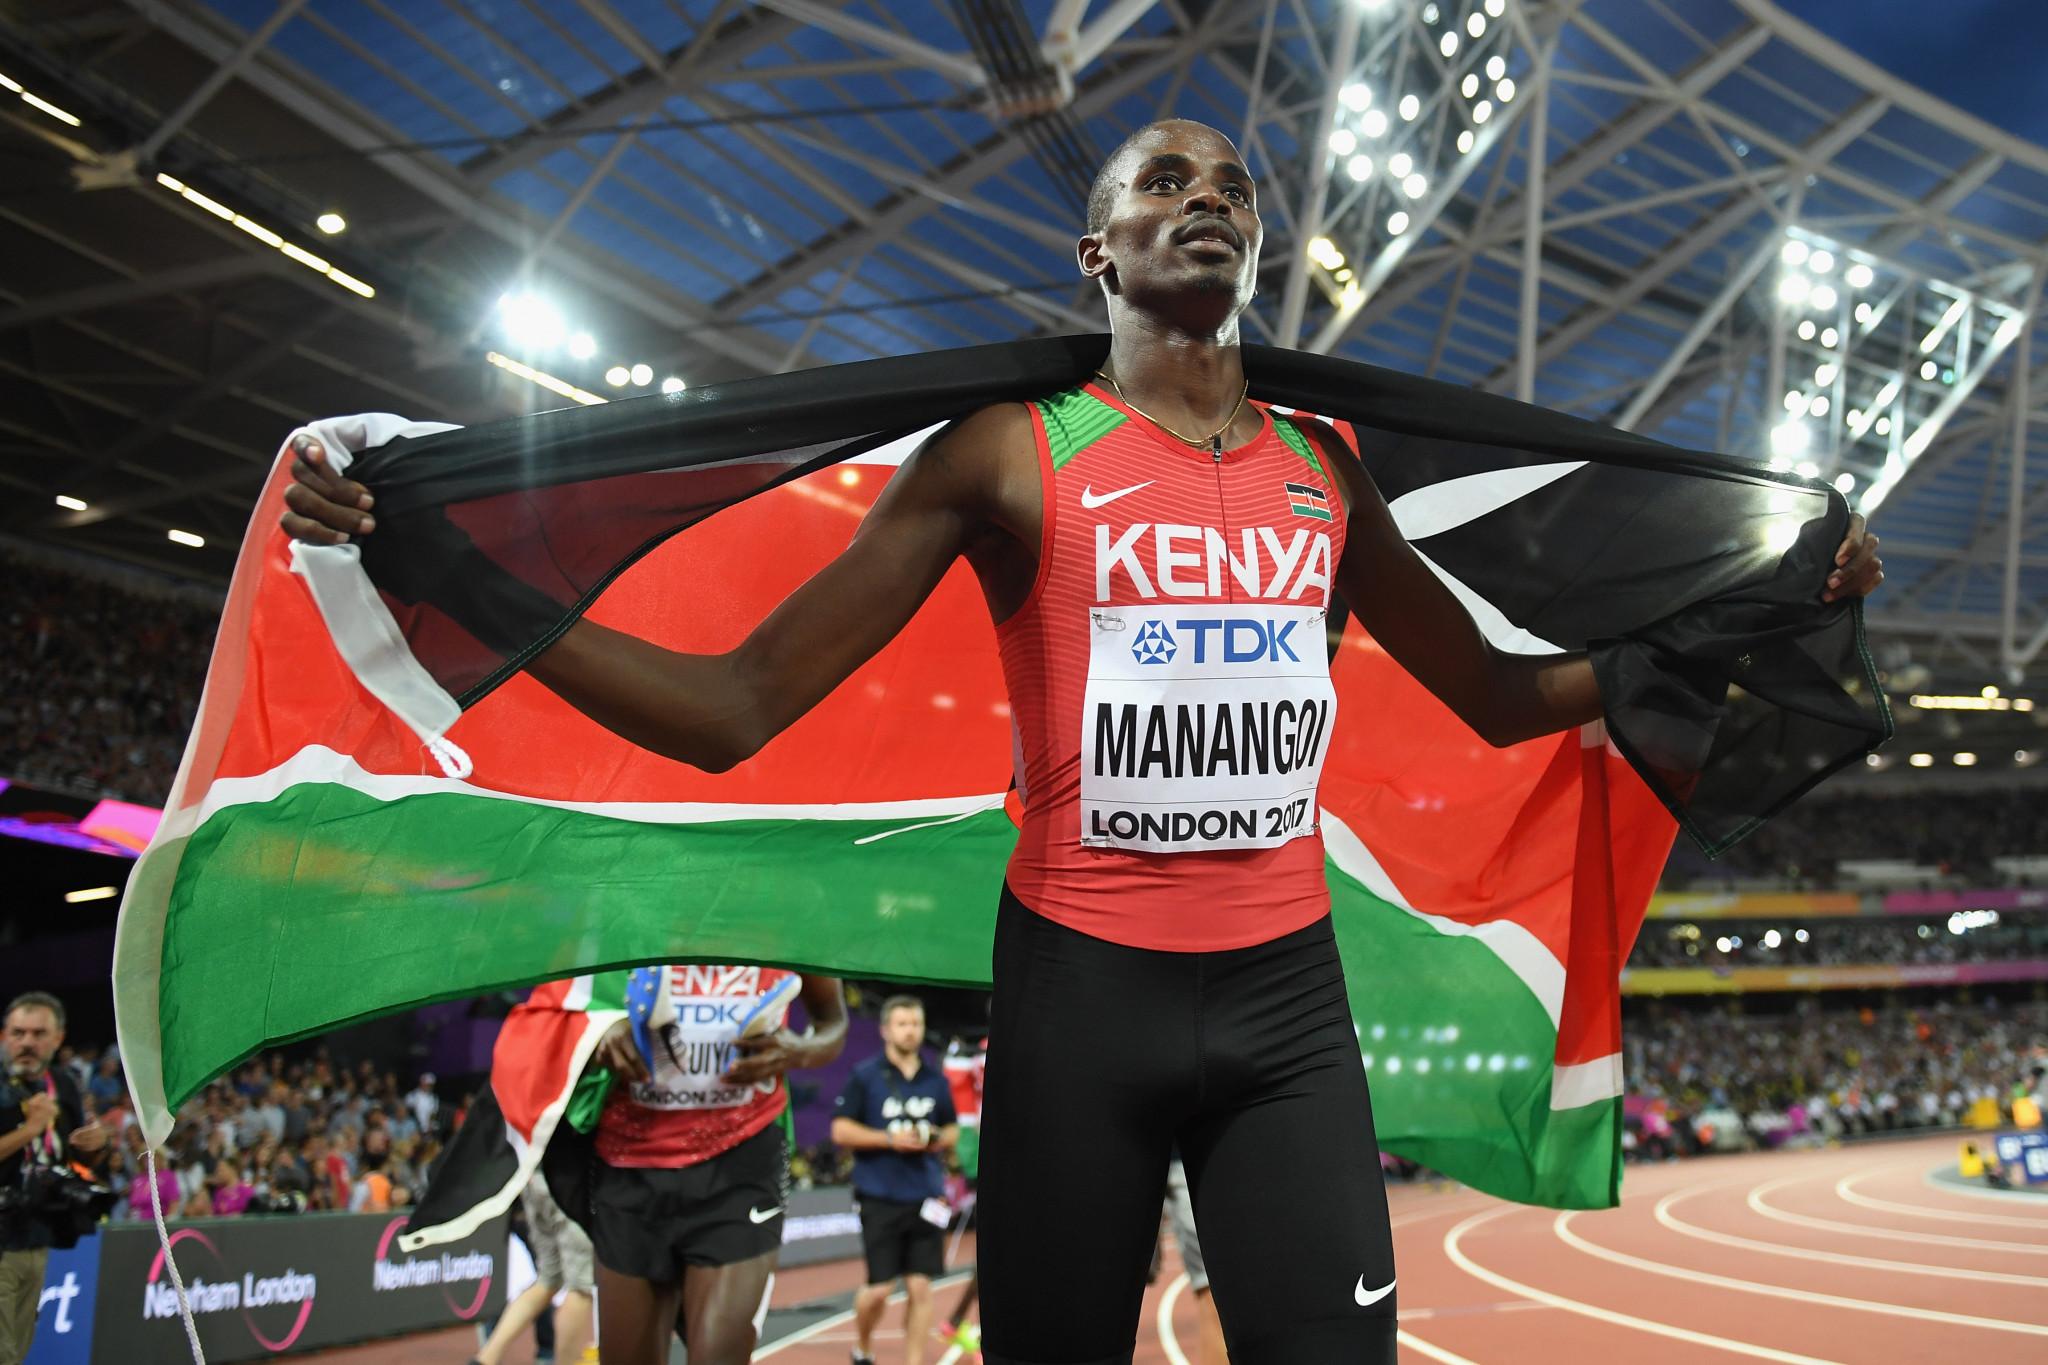 World 1500m gold medallist Manangoi latest Kenyan banned after missing drugs tests